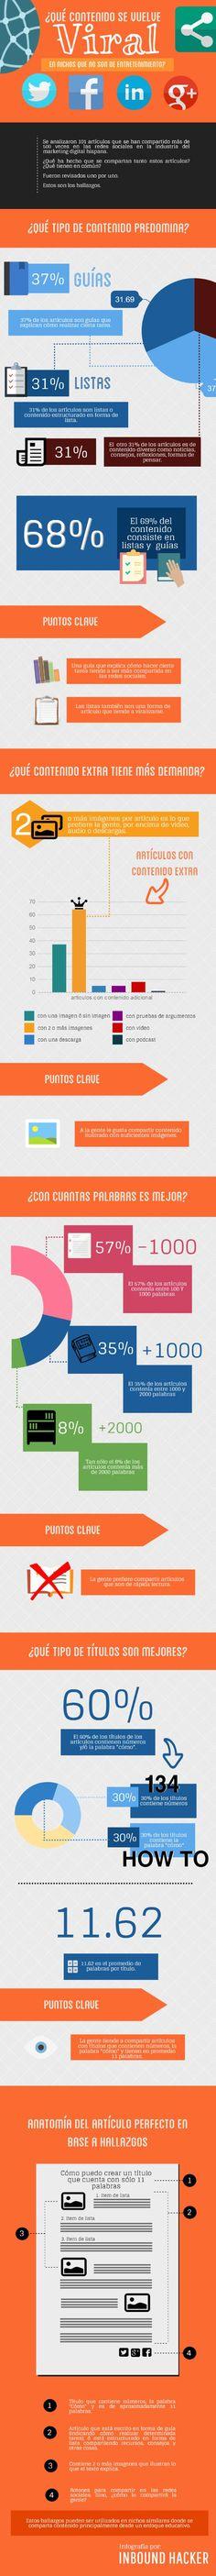 Bona #infografia: Quin contingut esdevé #viral? Es comparteixen més els articles amb 2 o més imatges